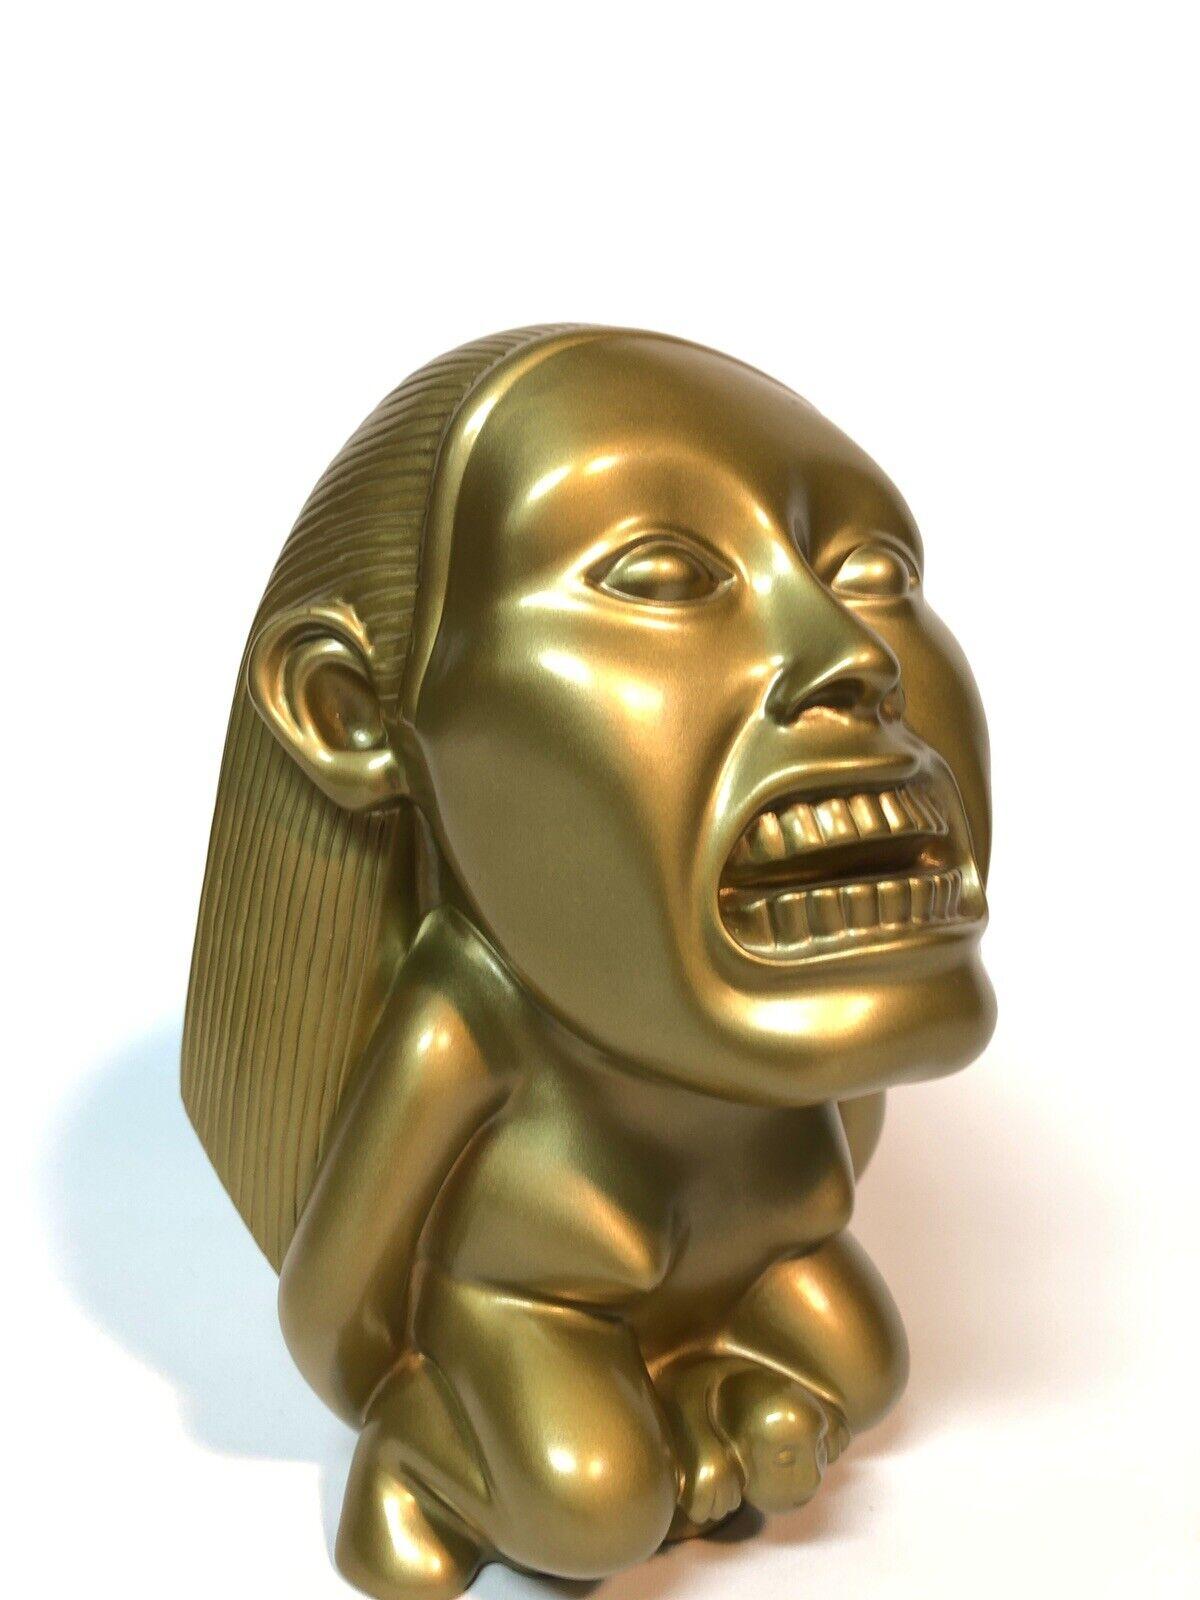 2008 Lucasfilm Ltd Diamond  Select giocattoli Indiana Jones Fertility Idol Prop Replica  centro commerciale di moda